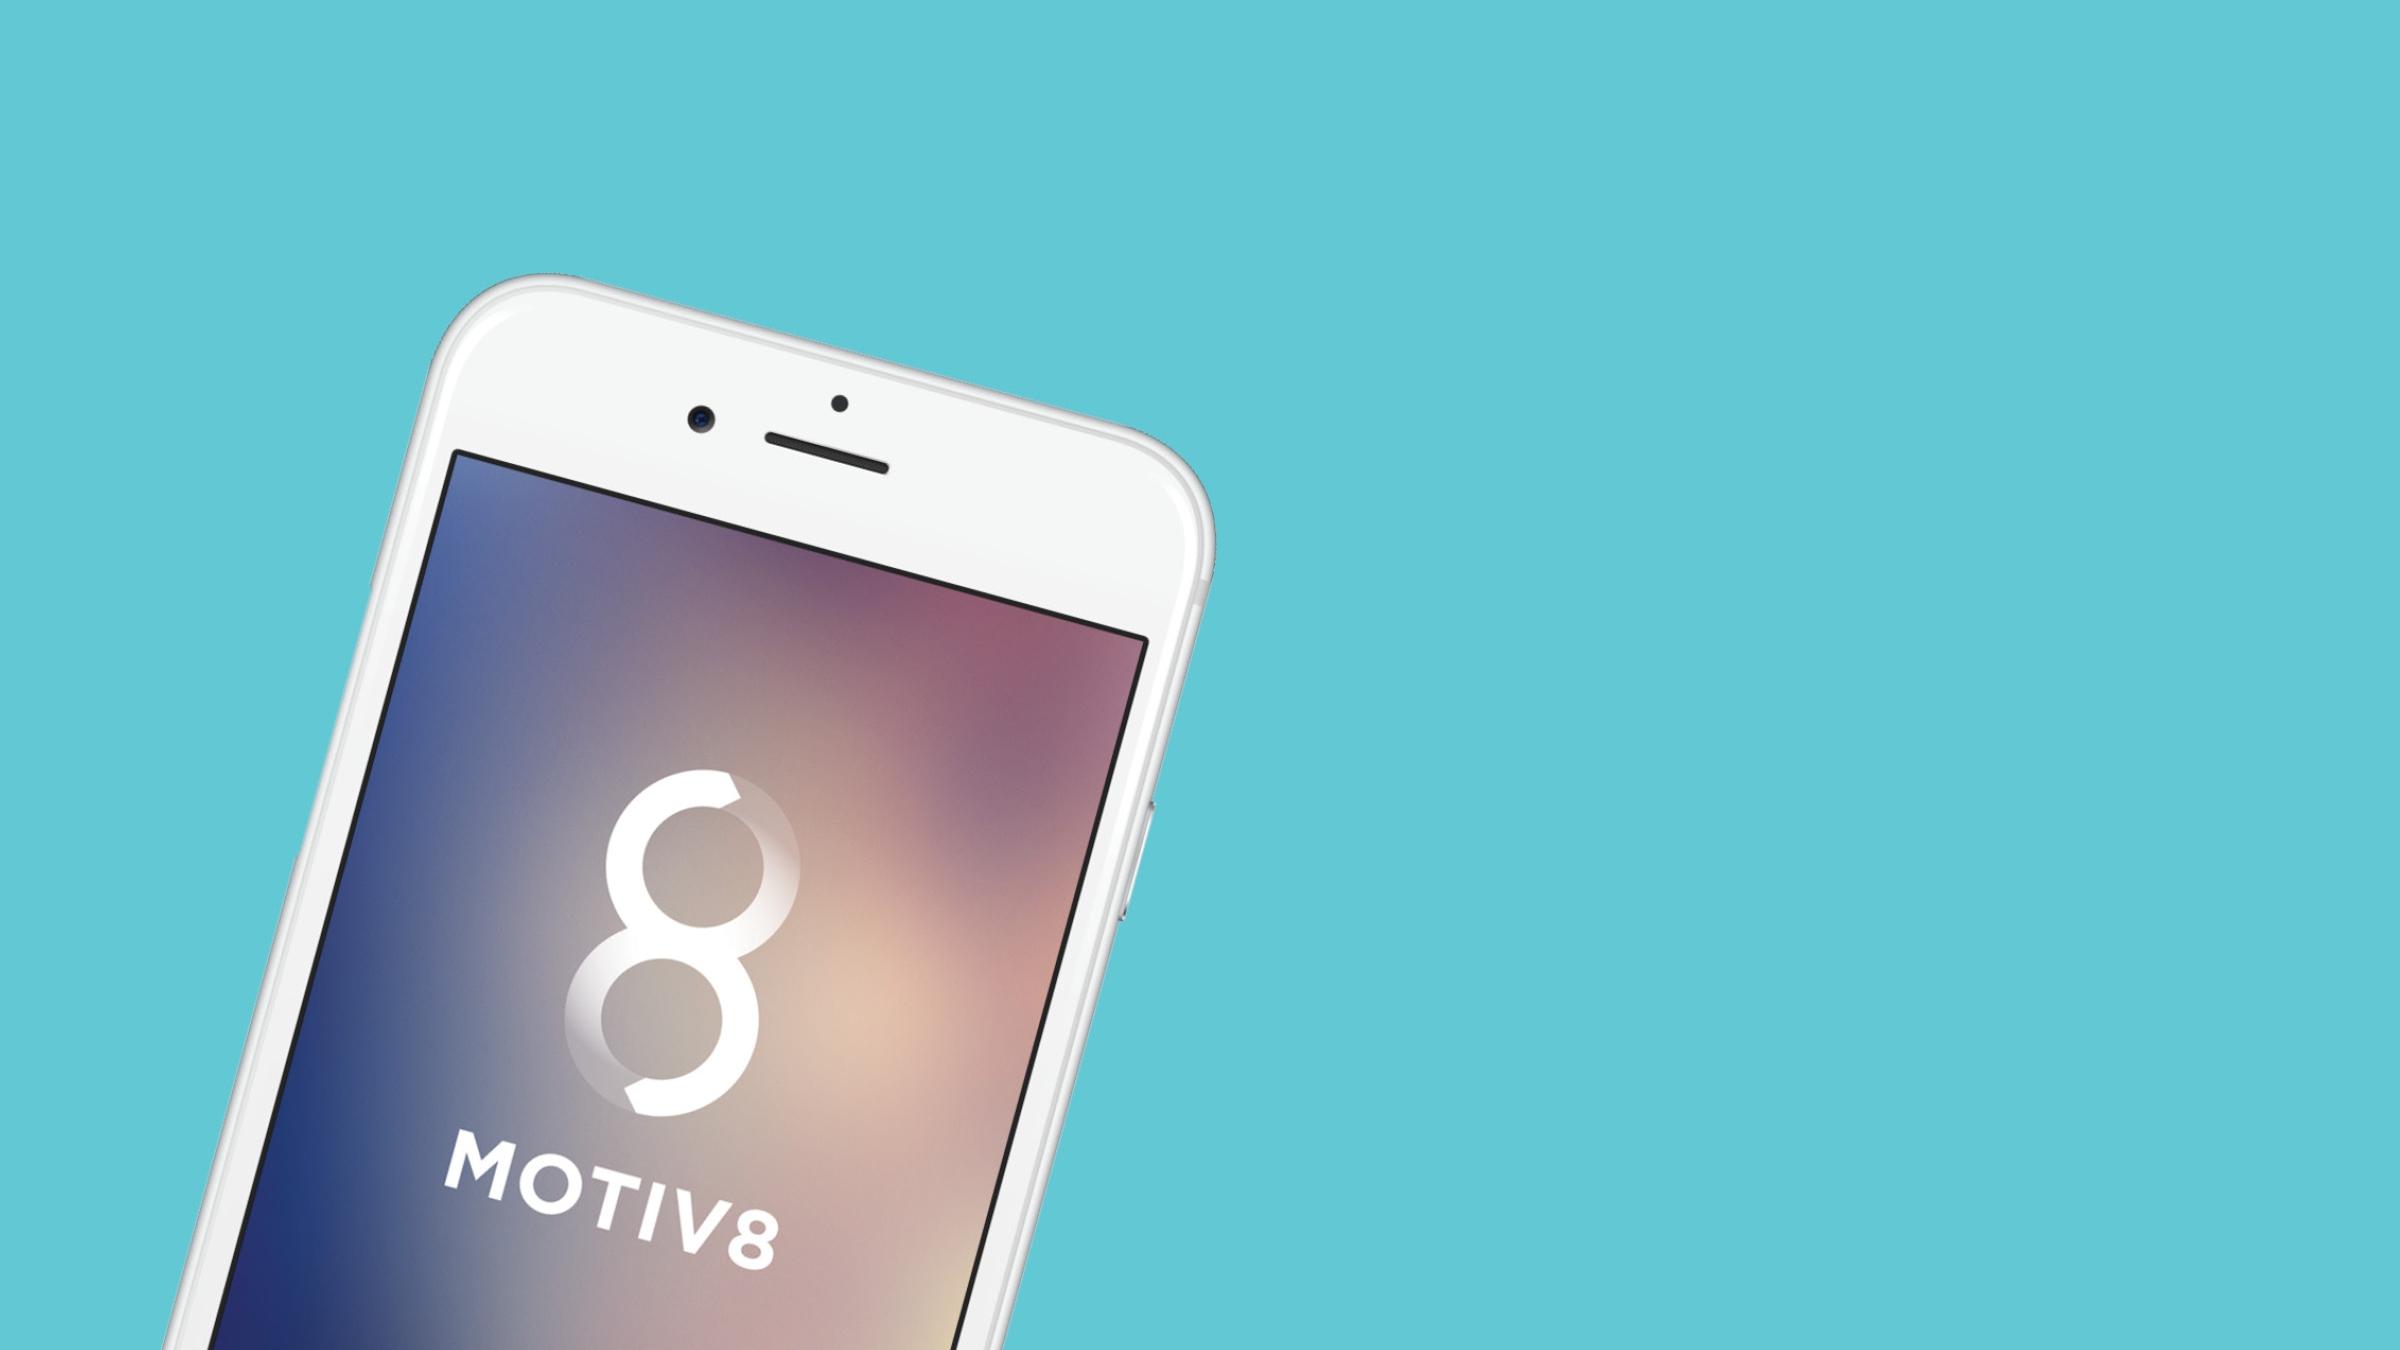 app-motiv8-mobile-app.jpg